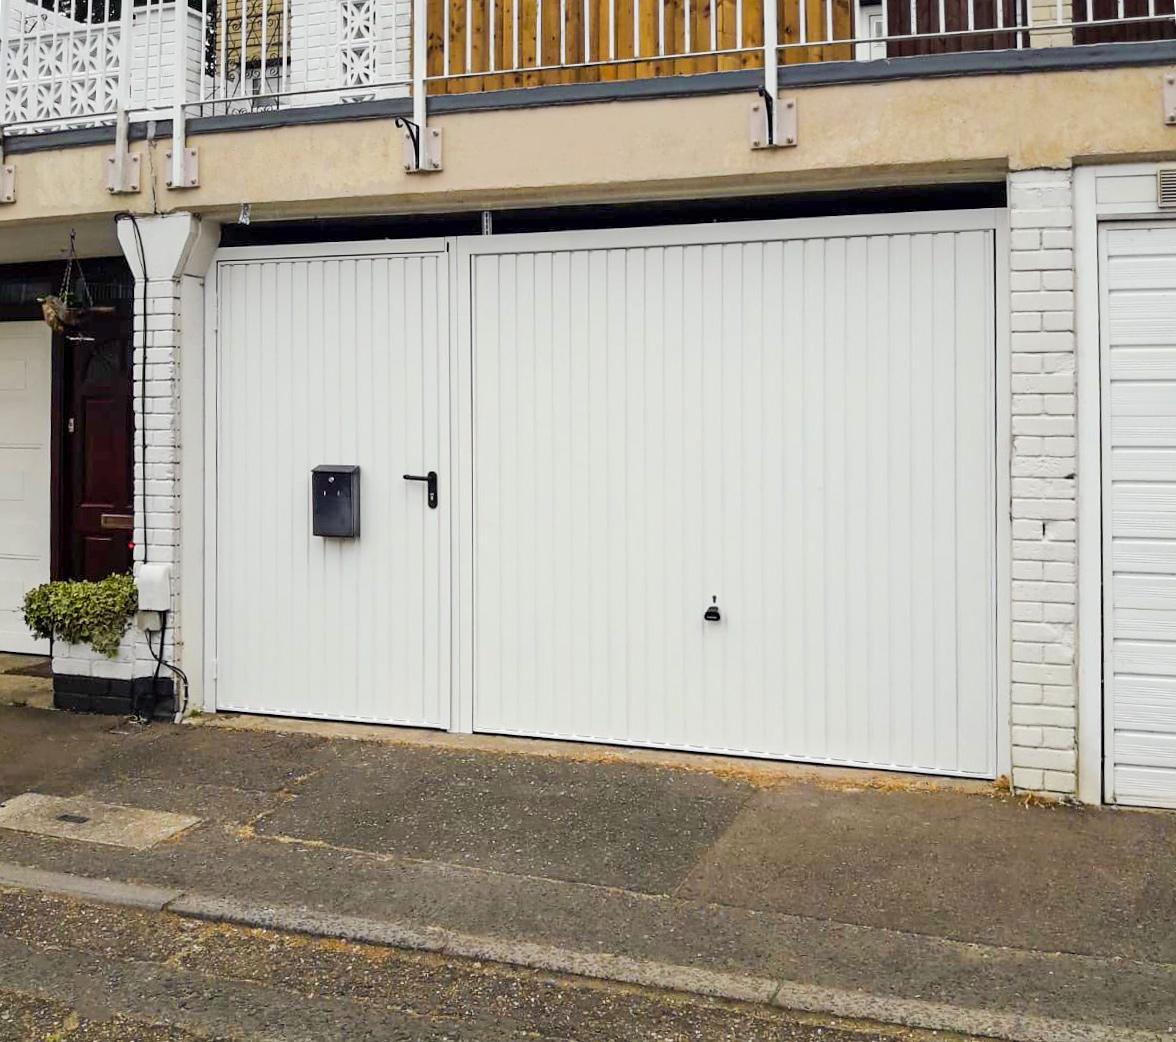 Garador Carlton Canopy Garage Door with Matching Pedestrian Door